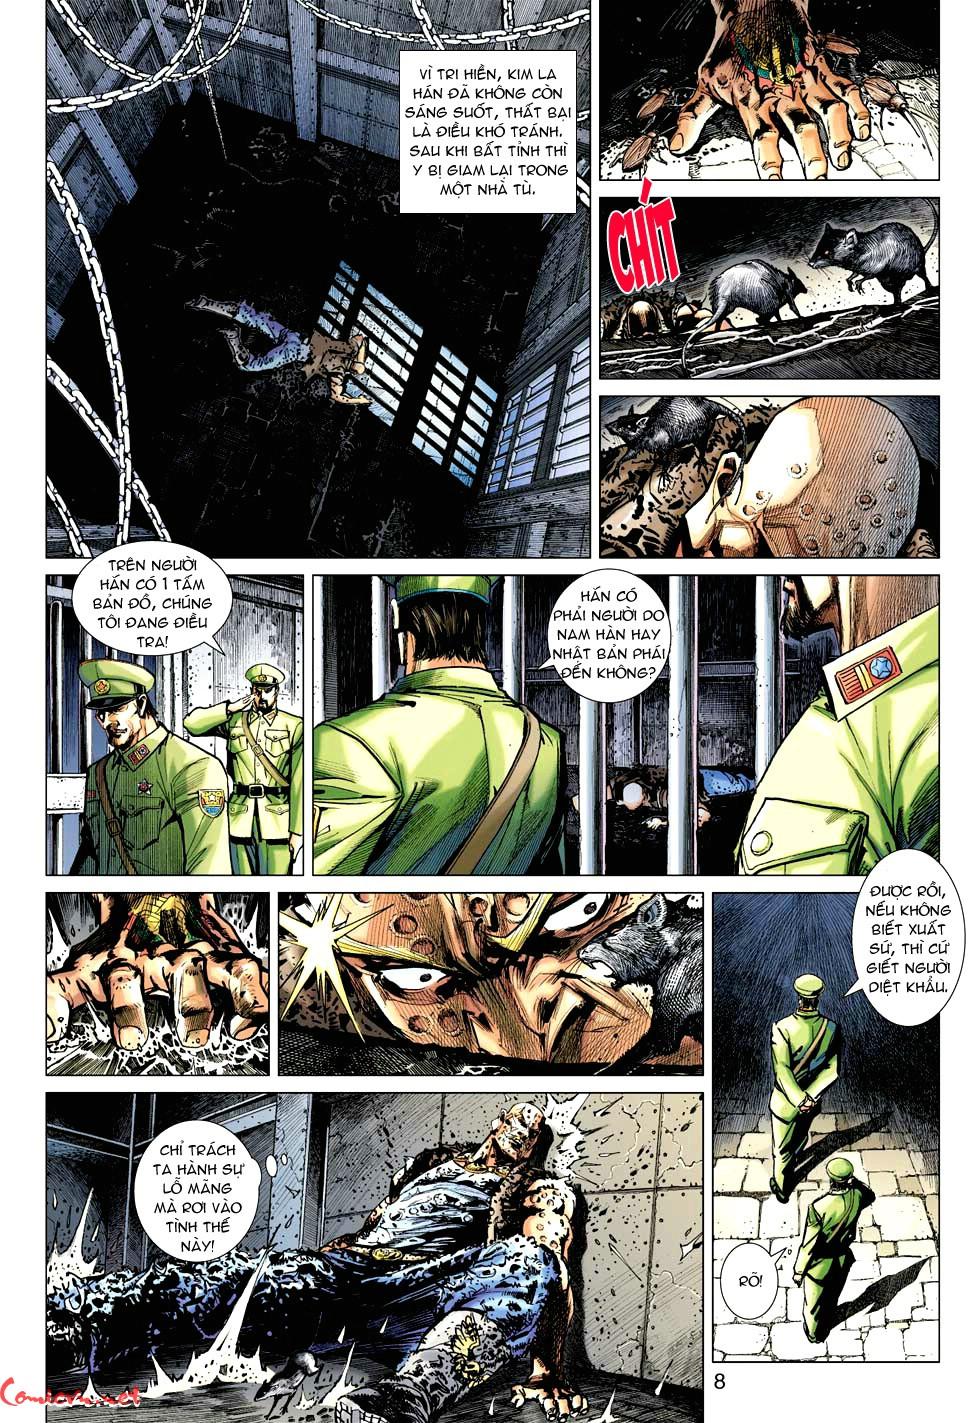 Vương Phong Lôi 1 chap 49 - Trang 8